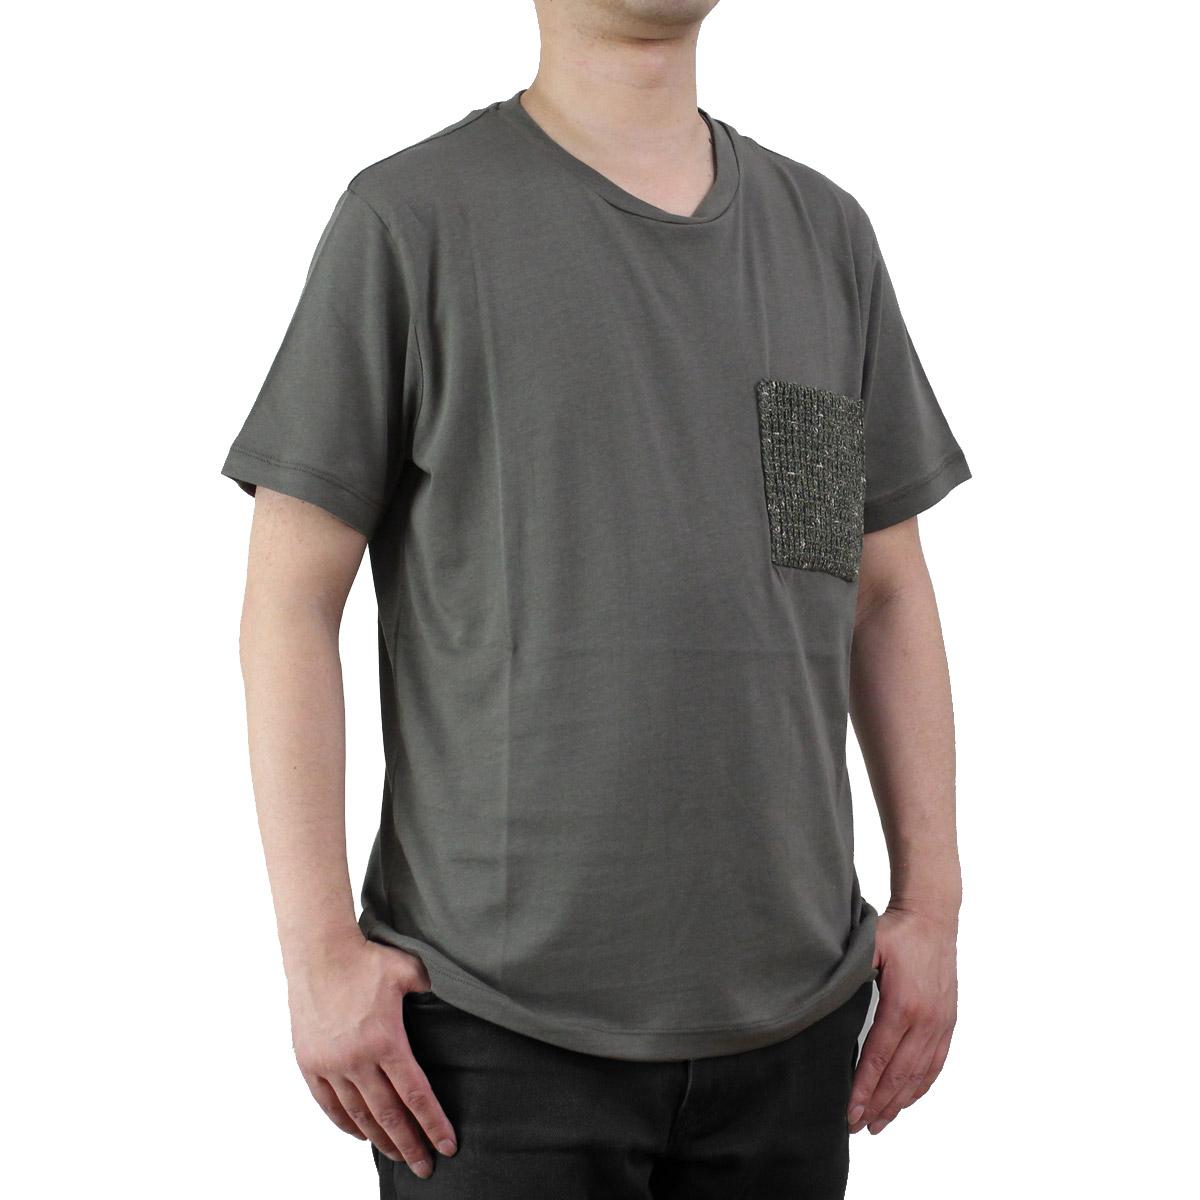 バーク Bark  メンズ 半袖 Tシャツ 71B8703 272 KHAKI  メンズ ティーシャツ ティーシャツ T shirt OLS-4  ts-01